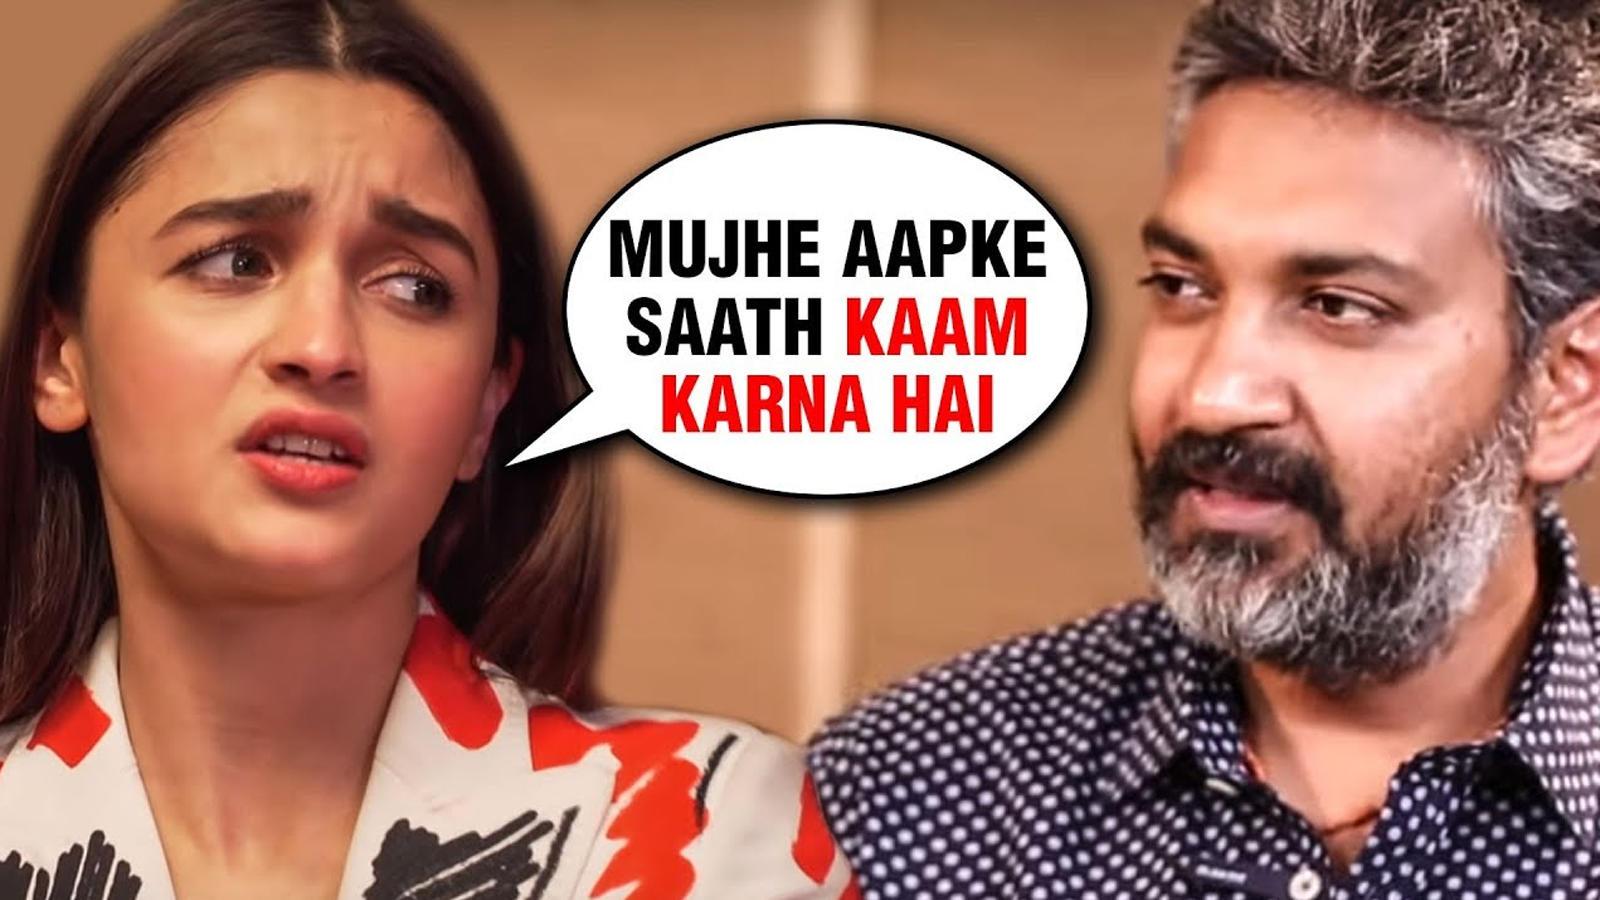 Alia Bhatt was desperate to be part of Rajamouli's magnum opus film 'RRR'?